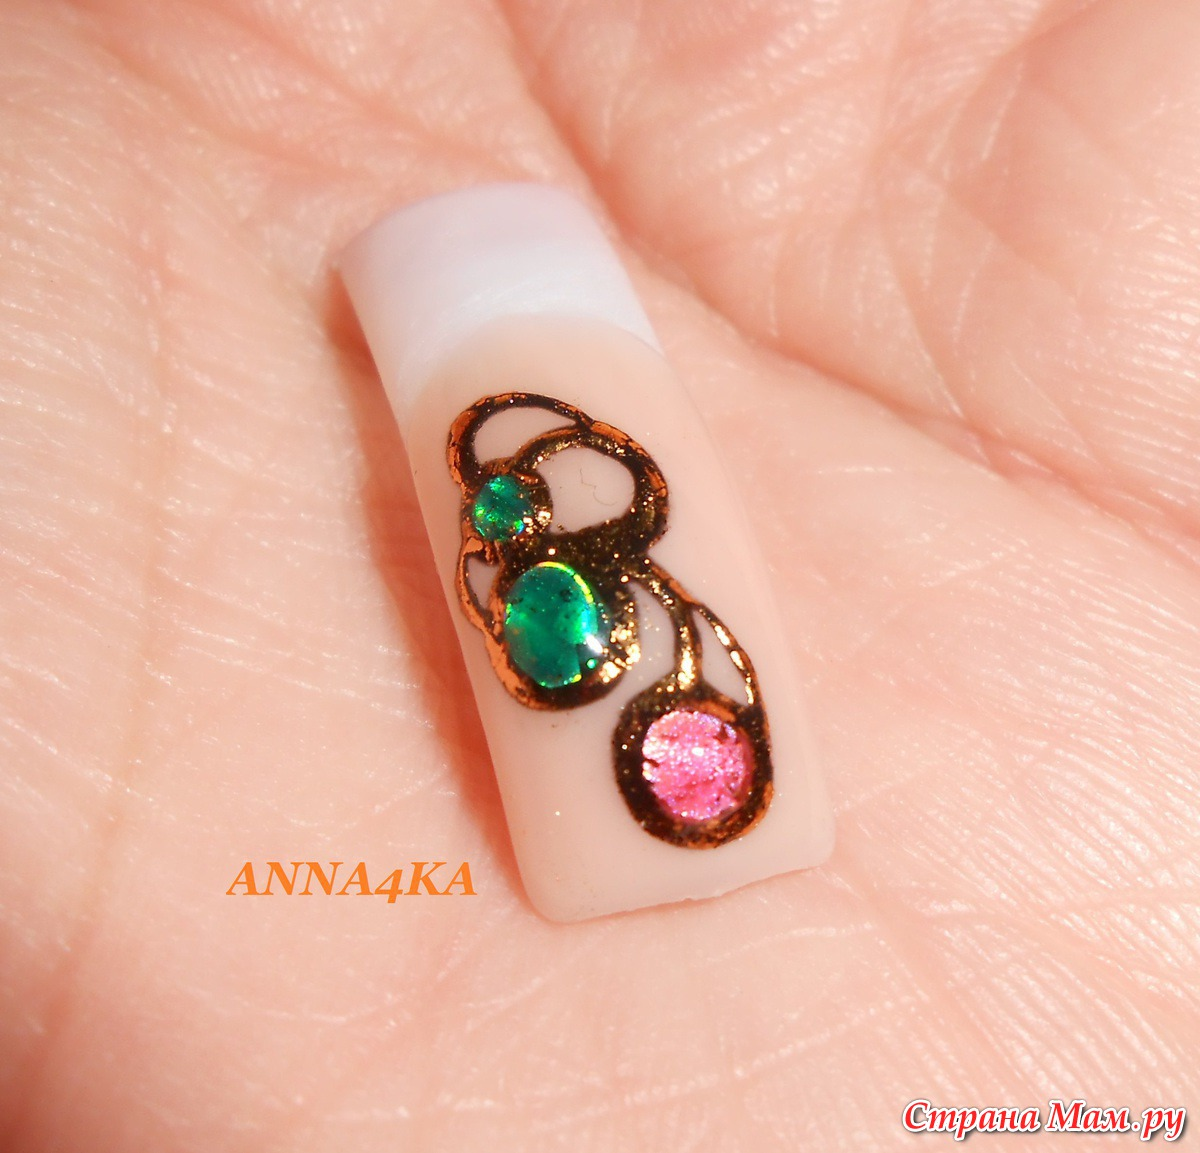 Искусственный камень на ногтях фото